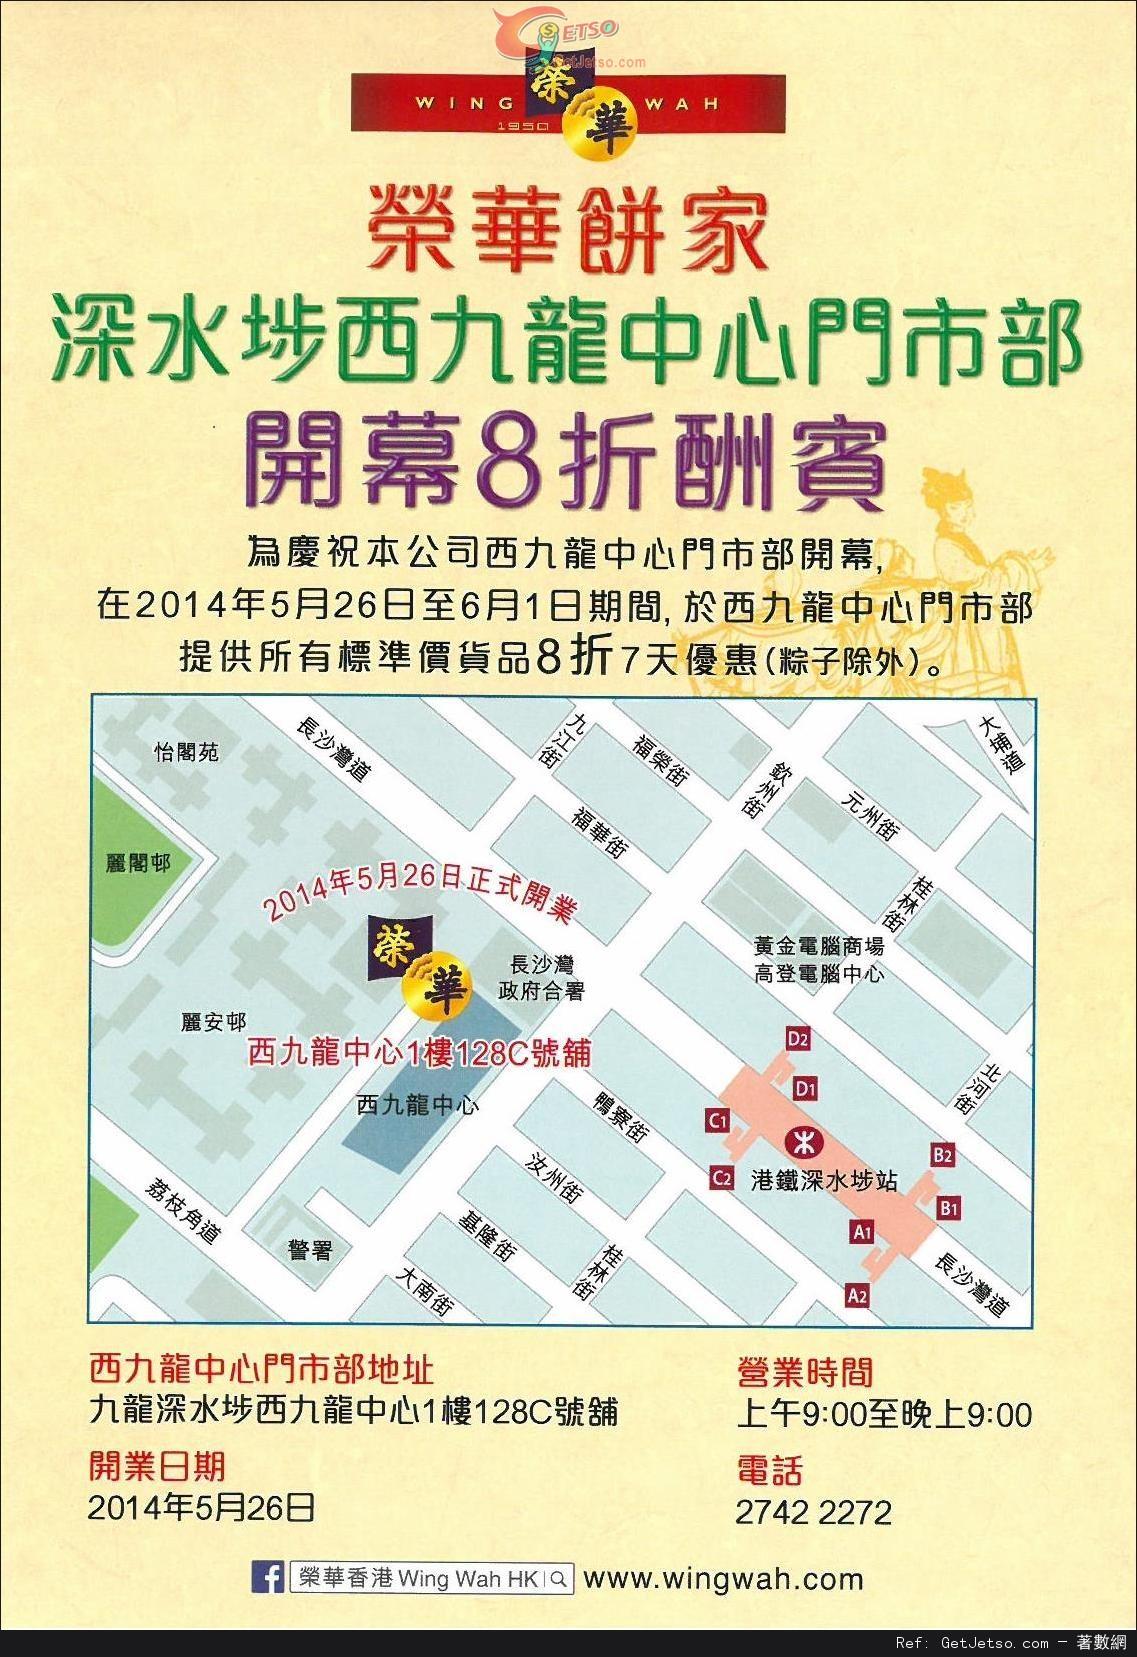 榮華餅家西九龍中心分店開幕所有標準價貨品8折優惠 - Get Jetso 著數優惠網